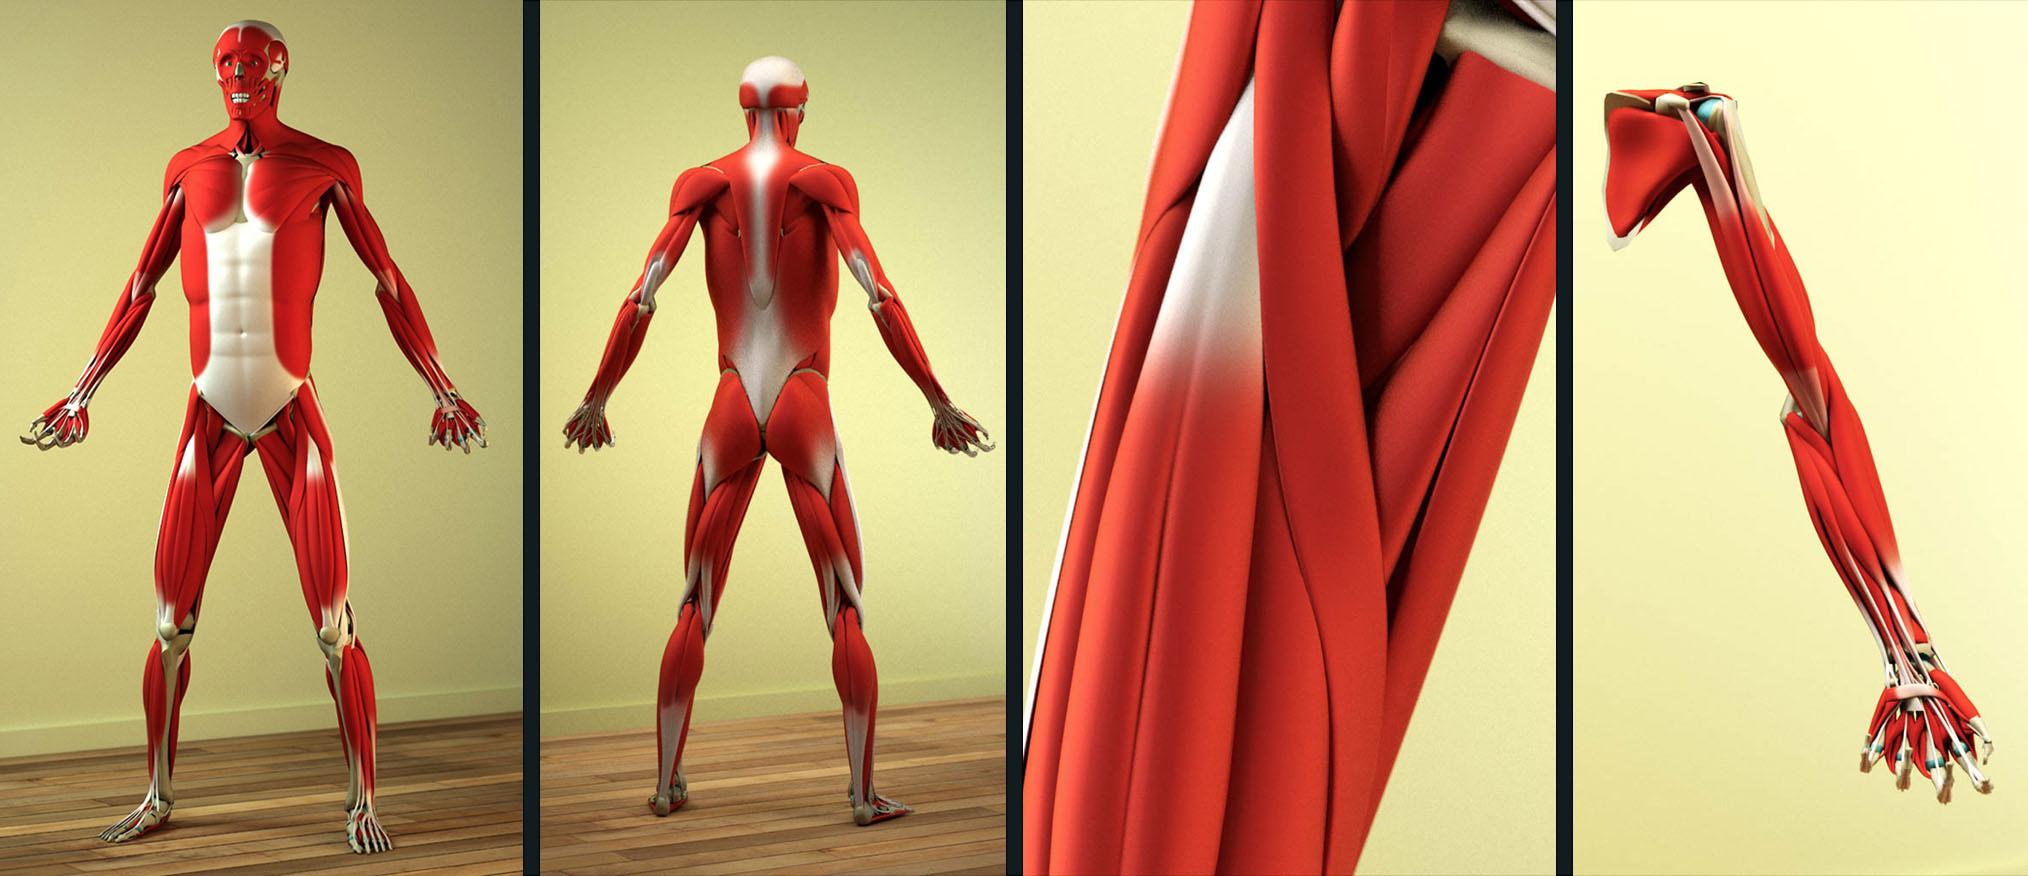 Human anatomy, rendered in Fryrender